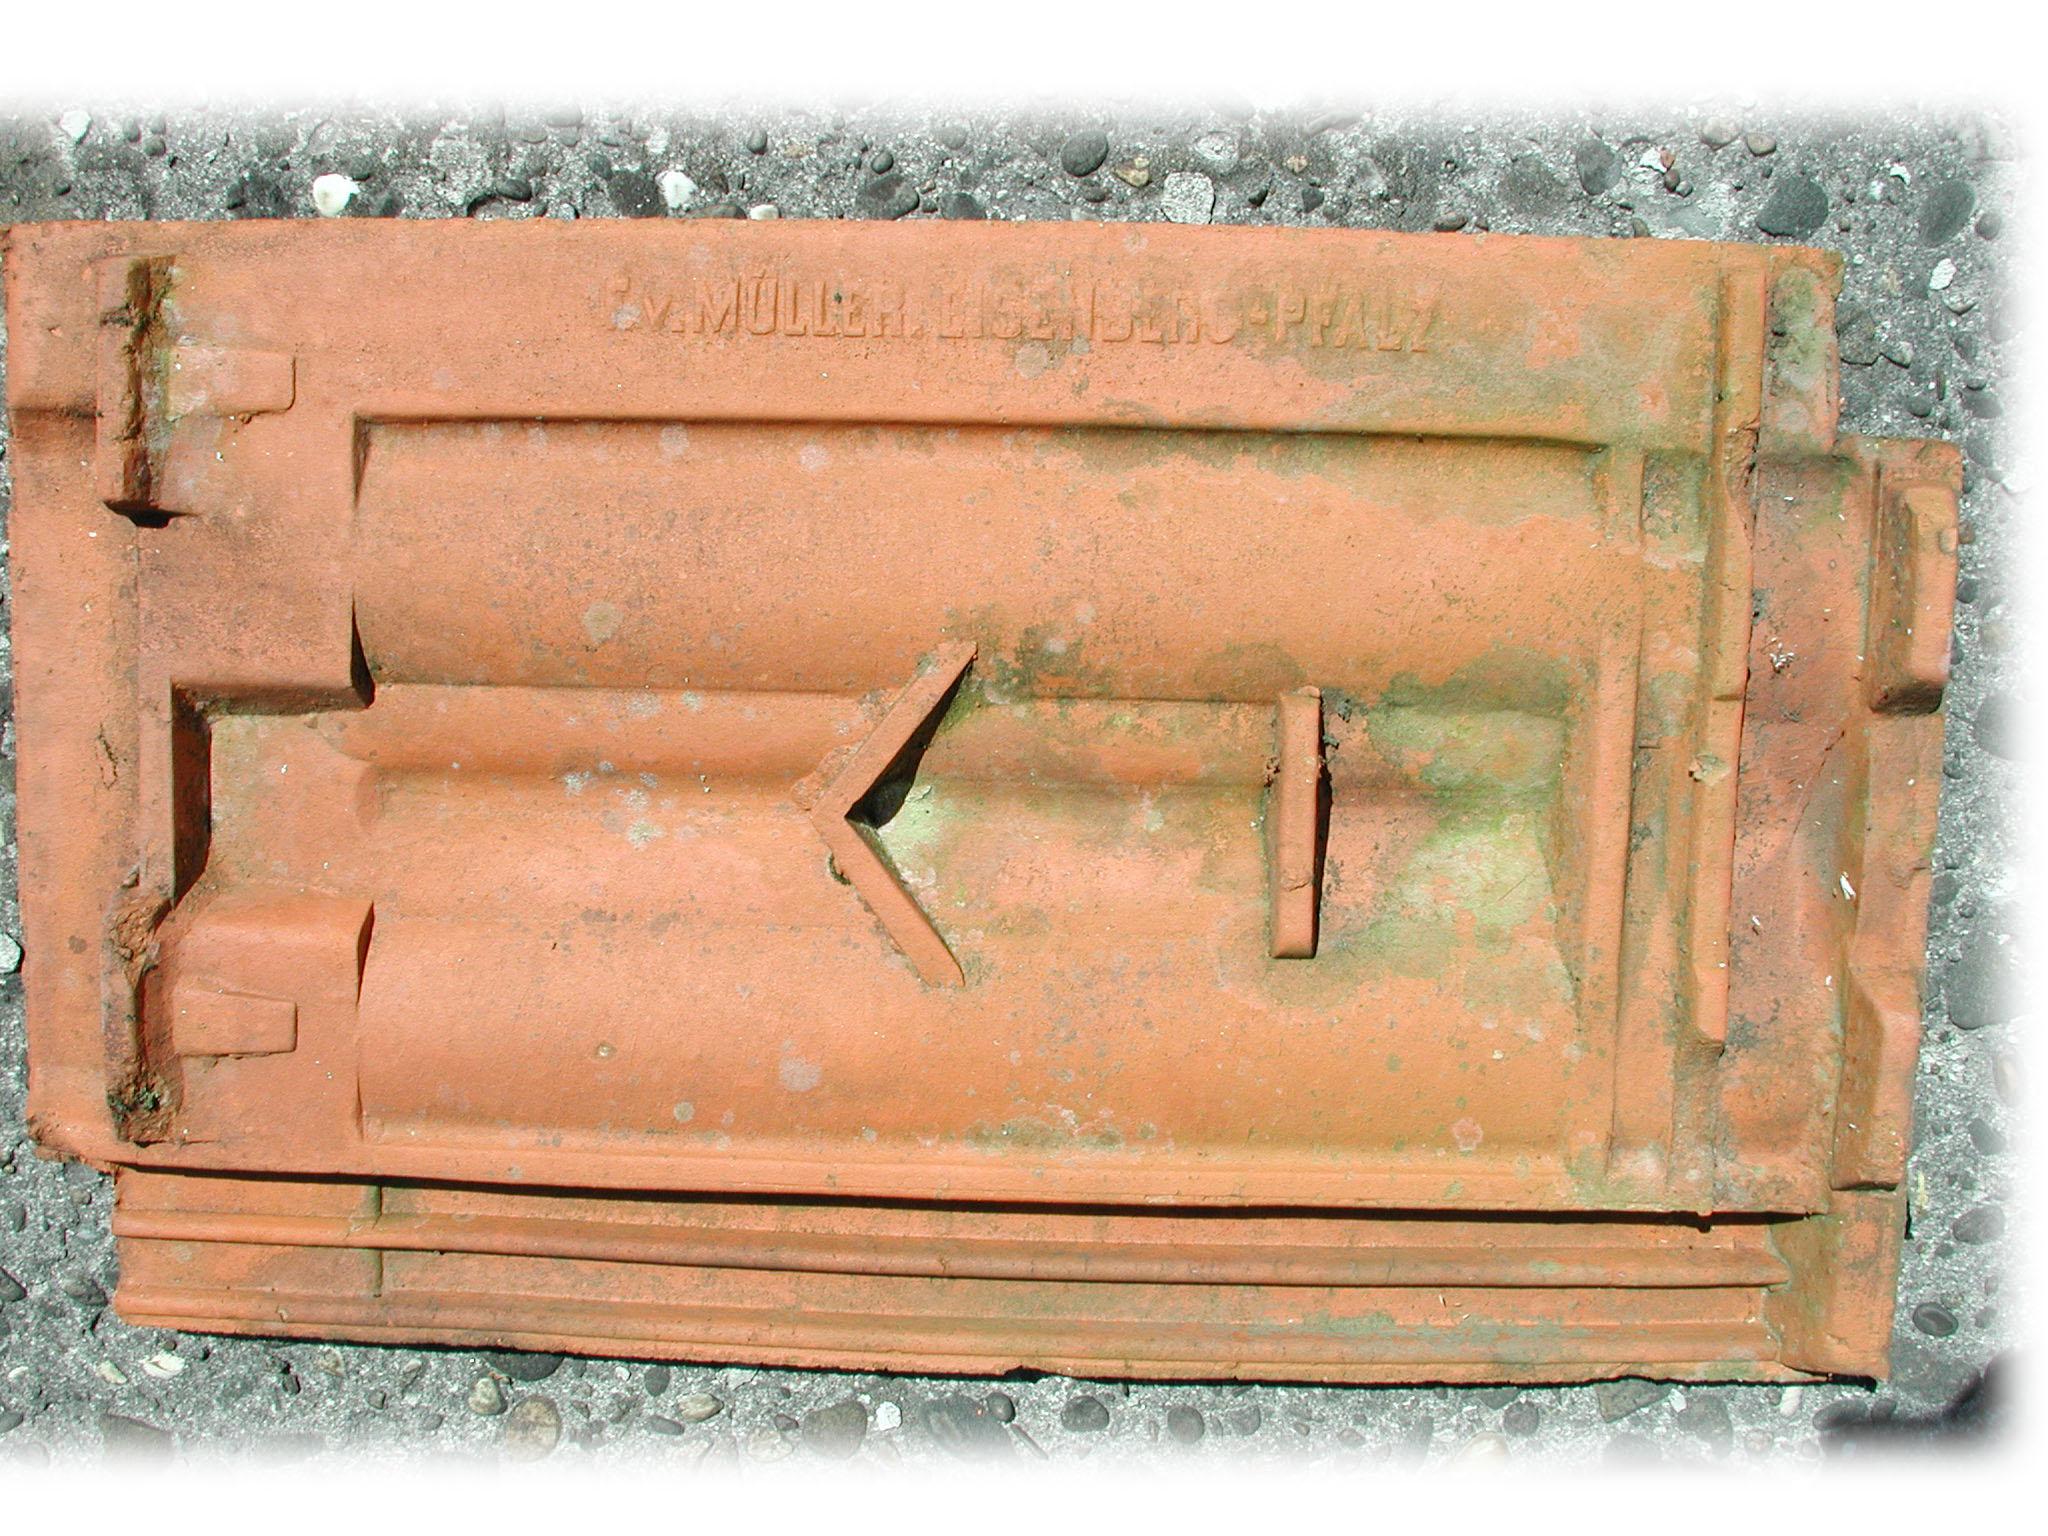 Historische / Antike Dachziegel F.v. Müller Eisenberg/Pfalz